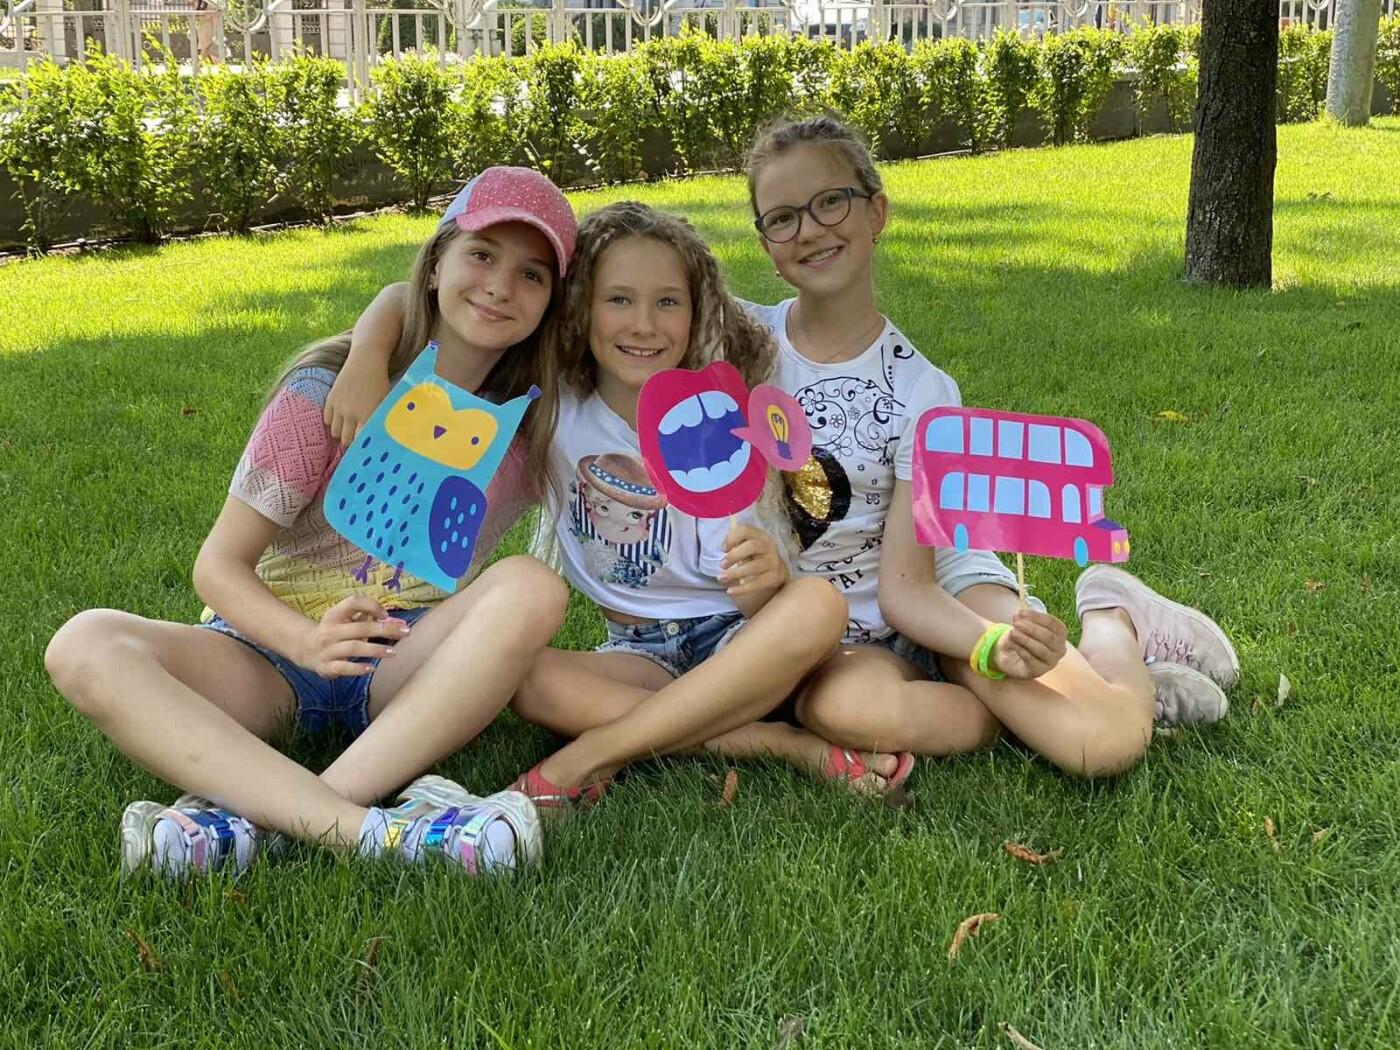 Незабываемые английские каникулы для детей 6-15 лет! (*Акция до 20 мая 2021 г.), фото-9